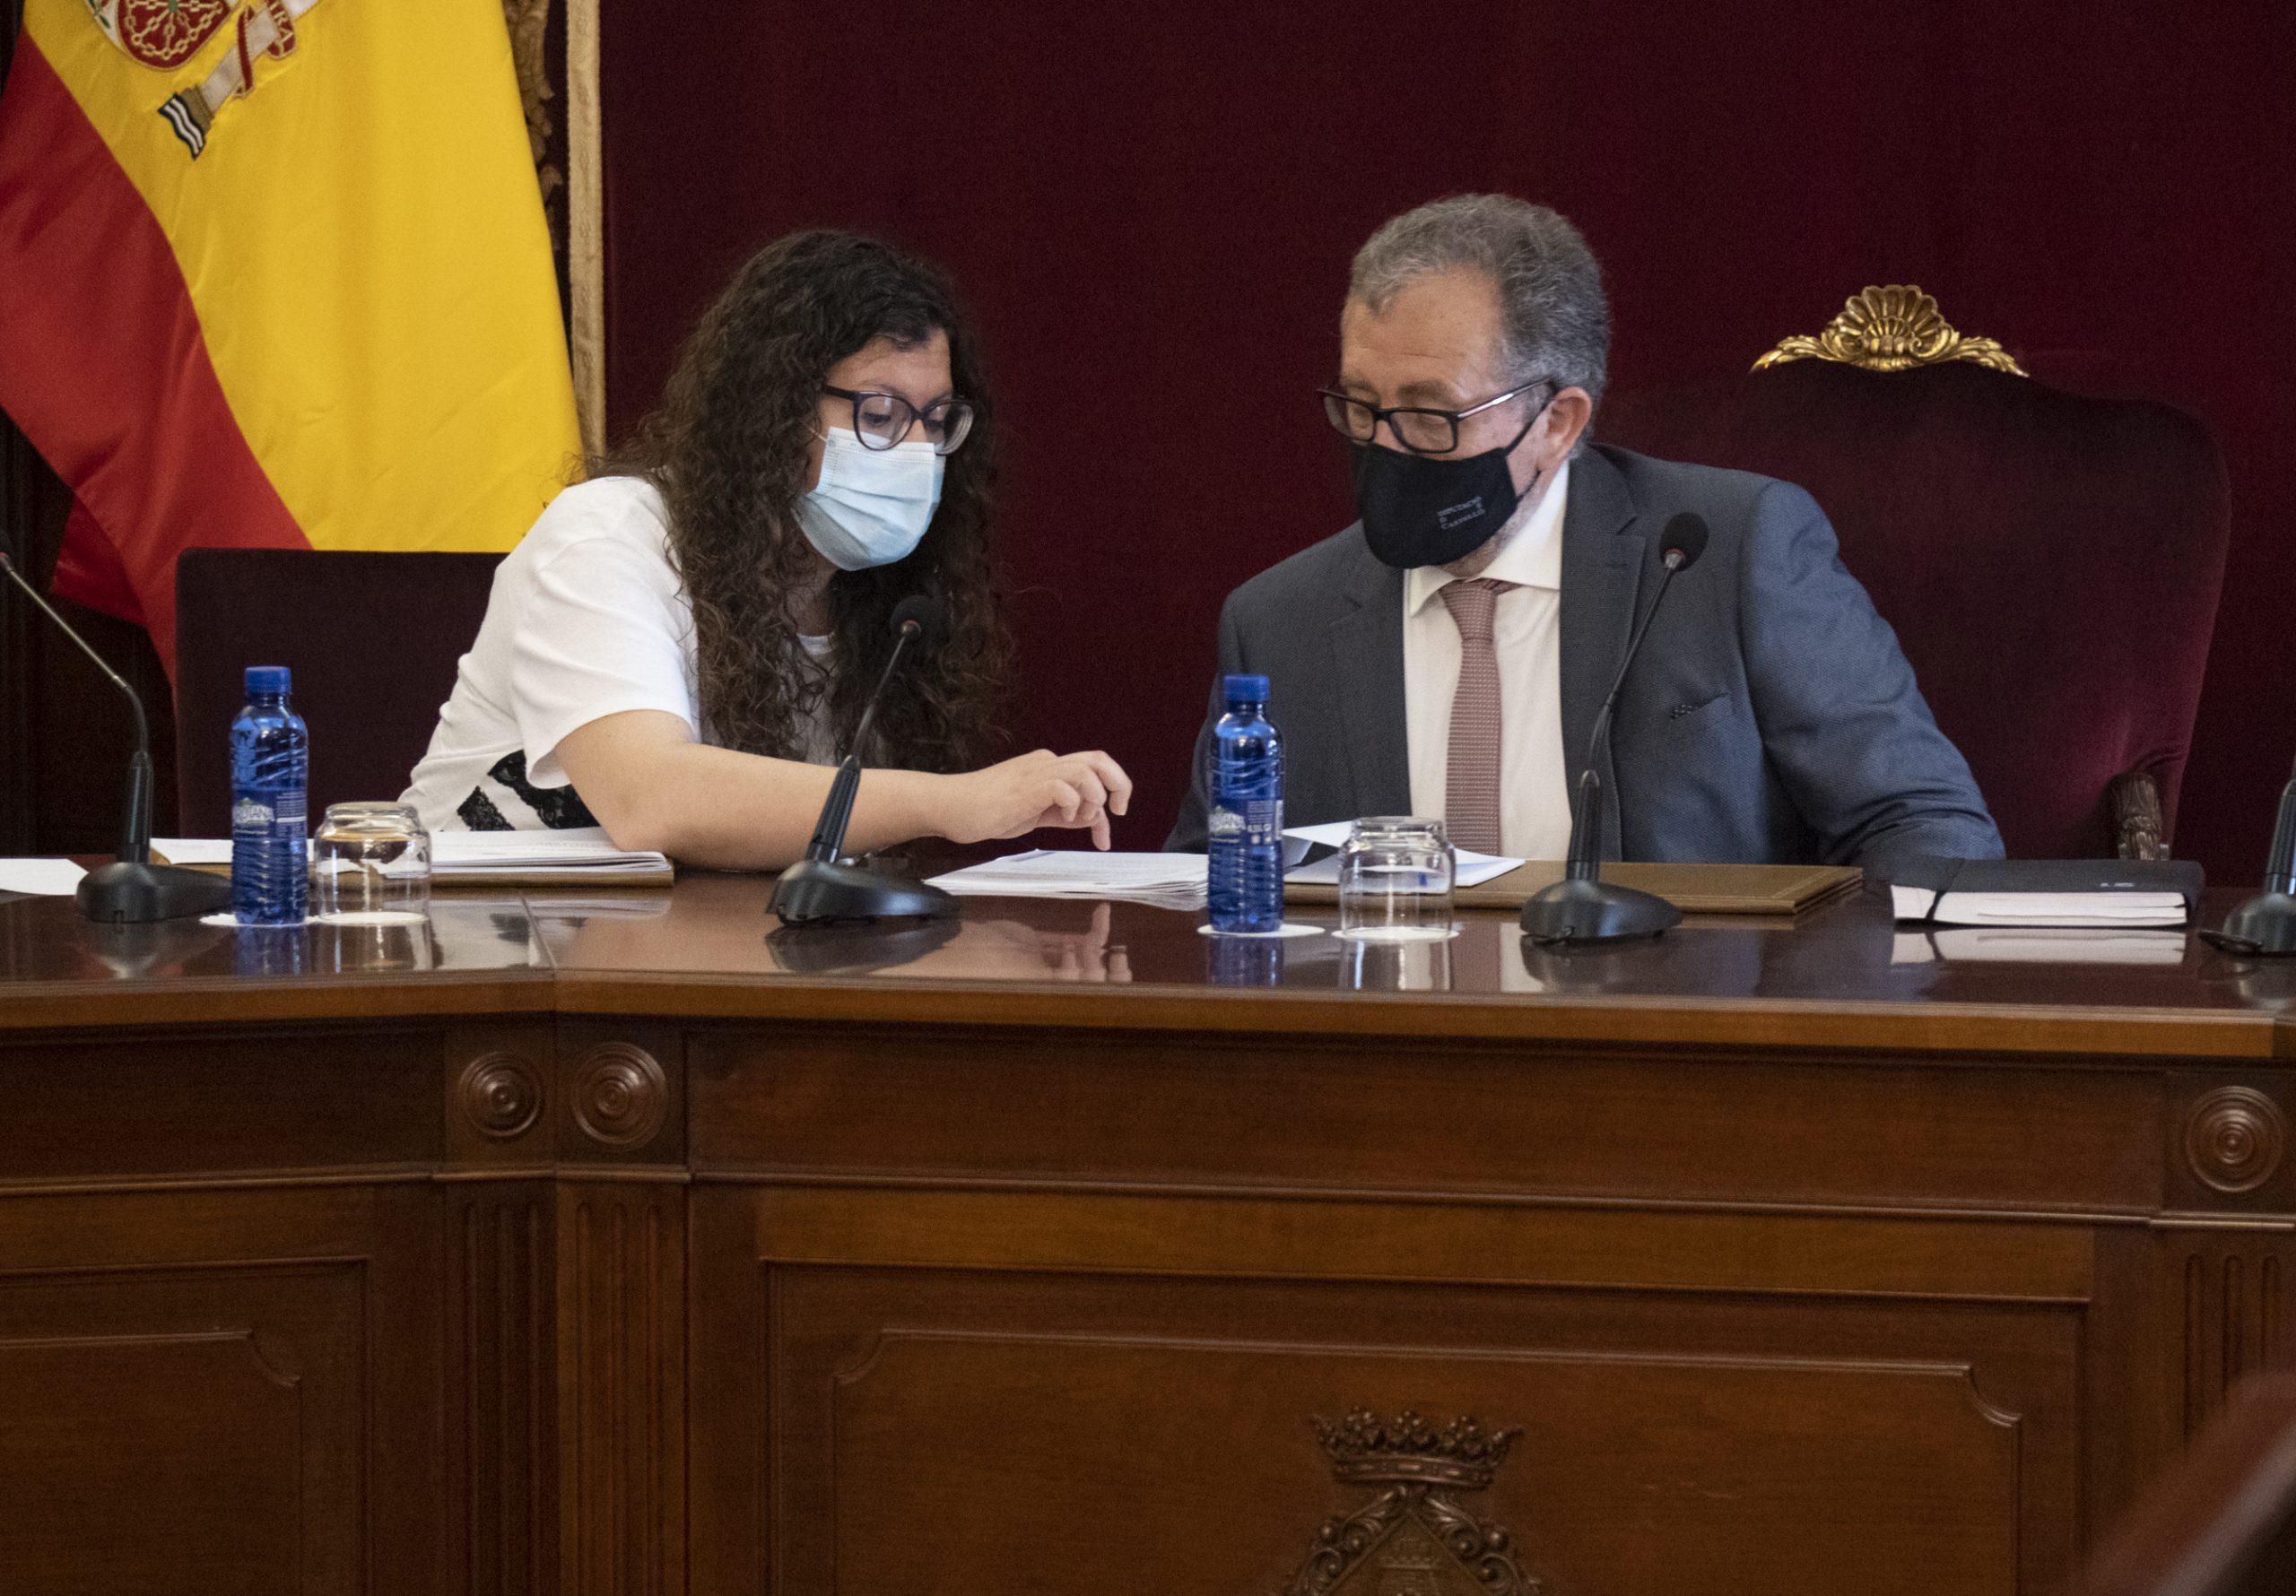 El equipo de José Martí apuesta por la prevención contra la corrupción introduciendo en la Diputación una guía de buenas prácticas de contratación